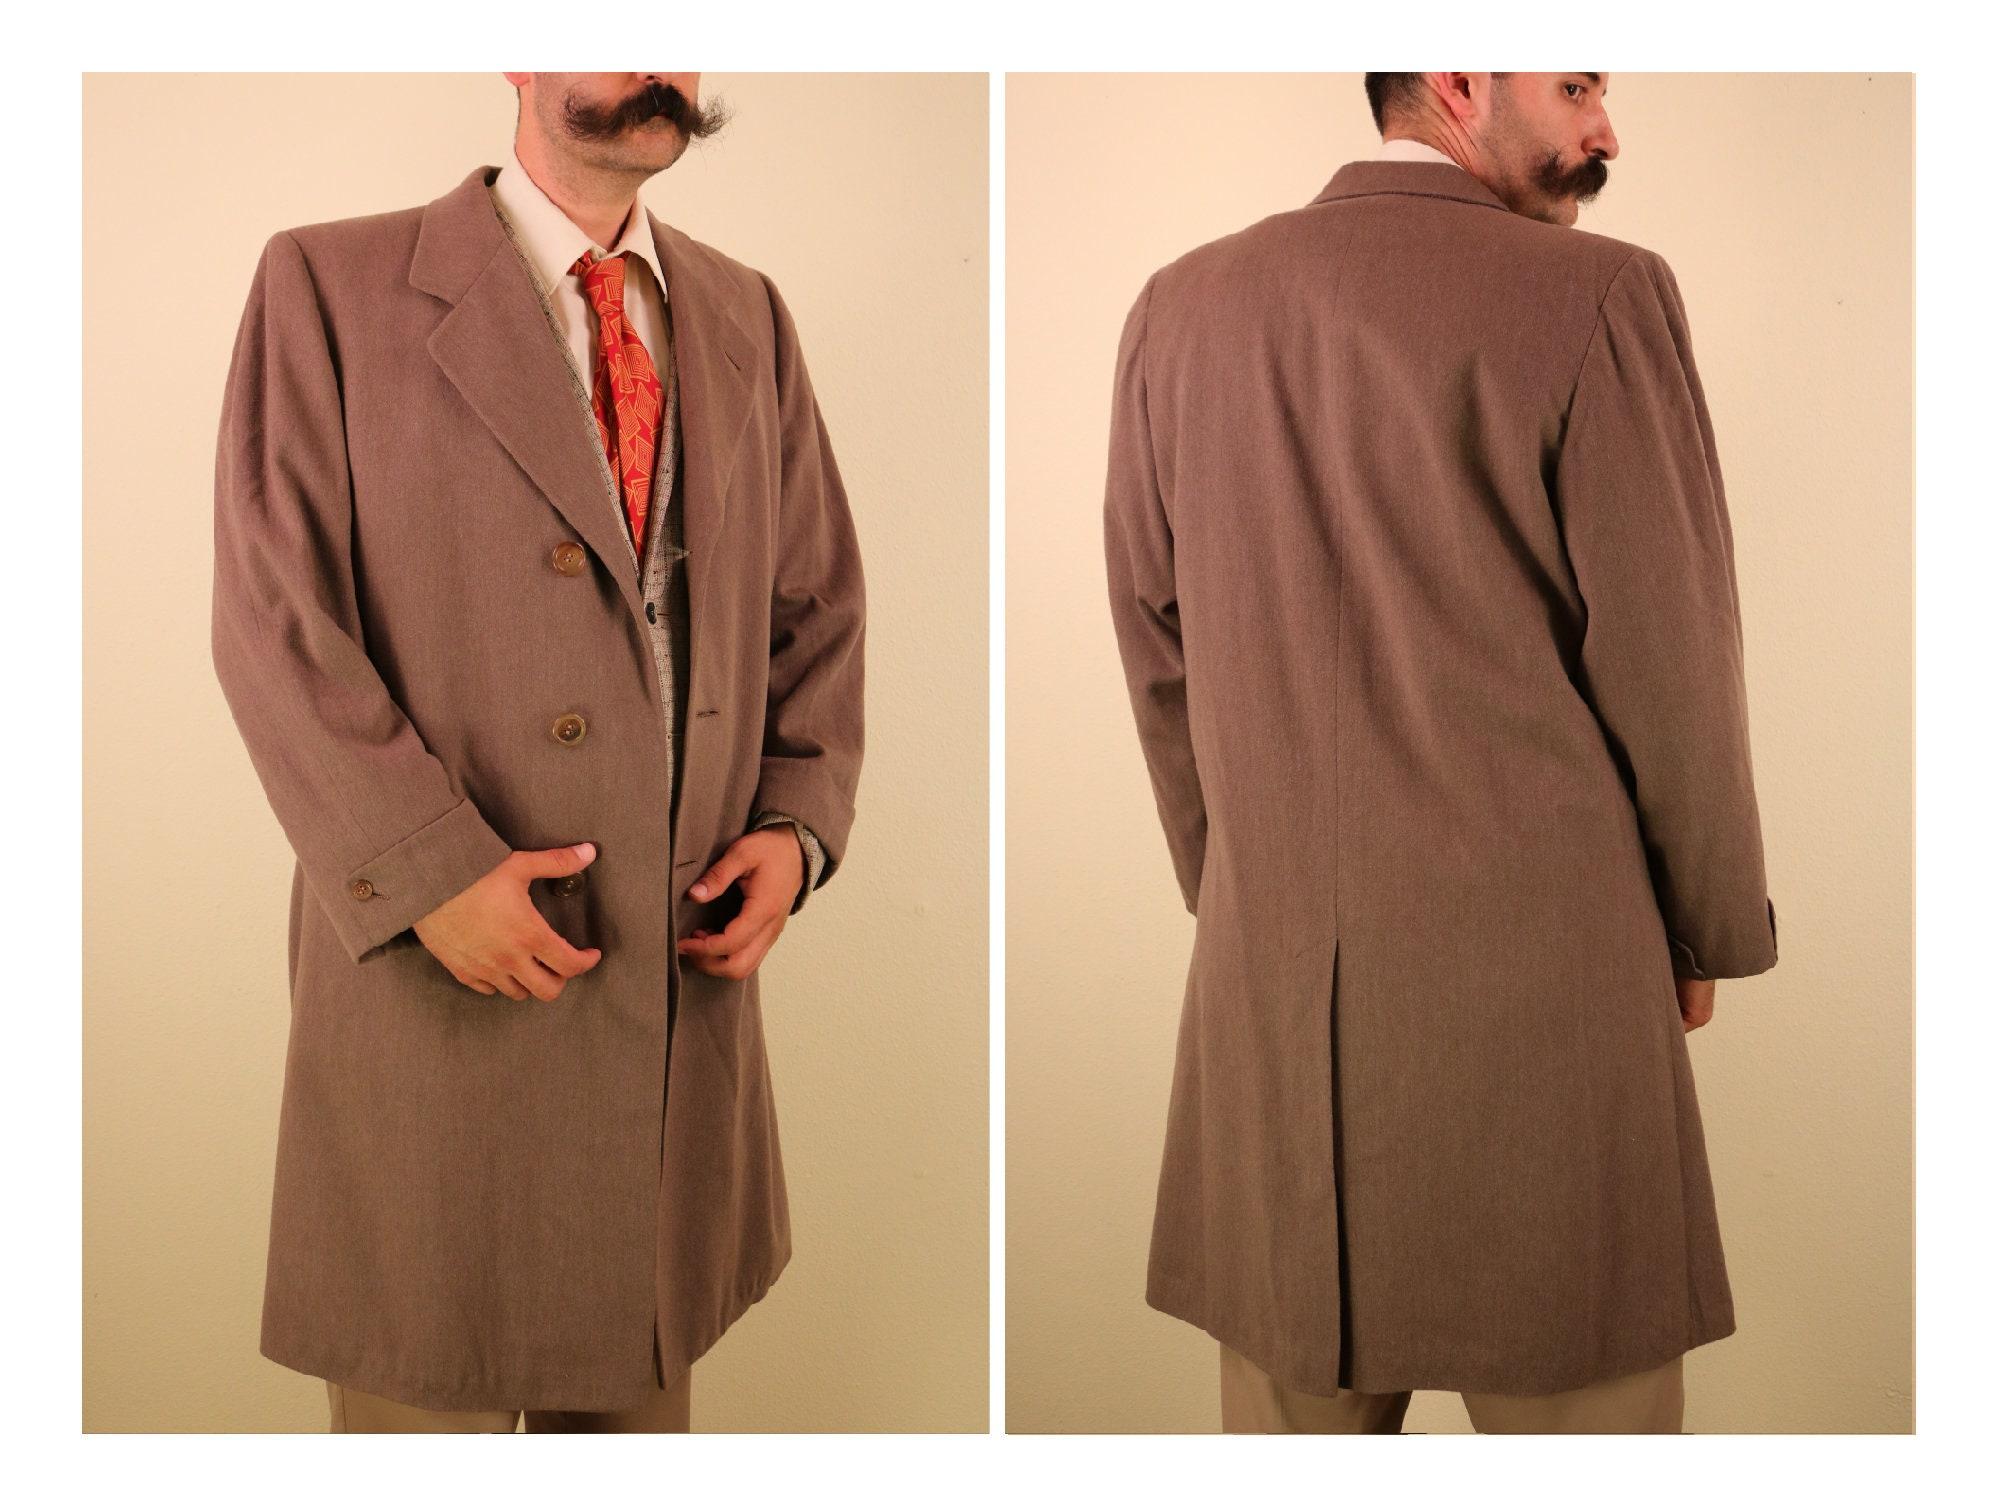 1940s Mens Ties | Wide Ties & Painted Ties 1940s 1950s Mens Brown Wool Overcoat Hickey Freeman Mens Menswear Vintage Big  Tall 48R $0.00 AT vintagedancer.com